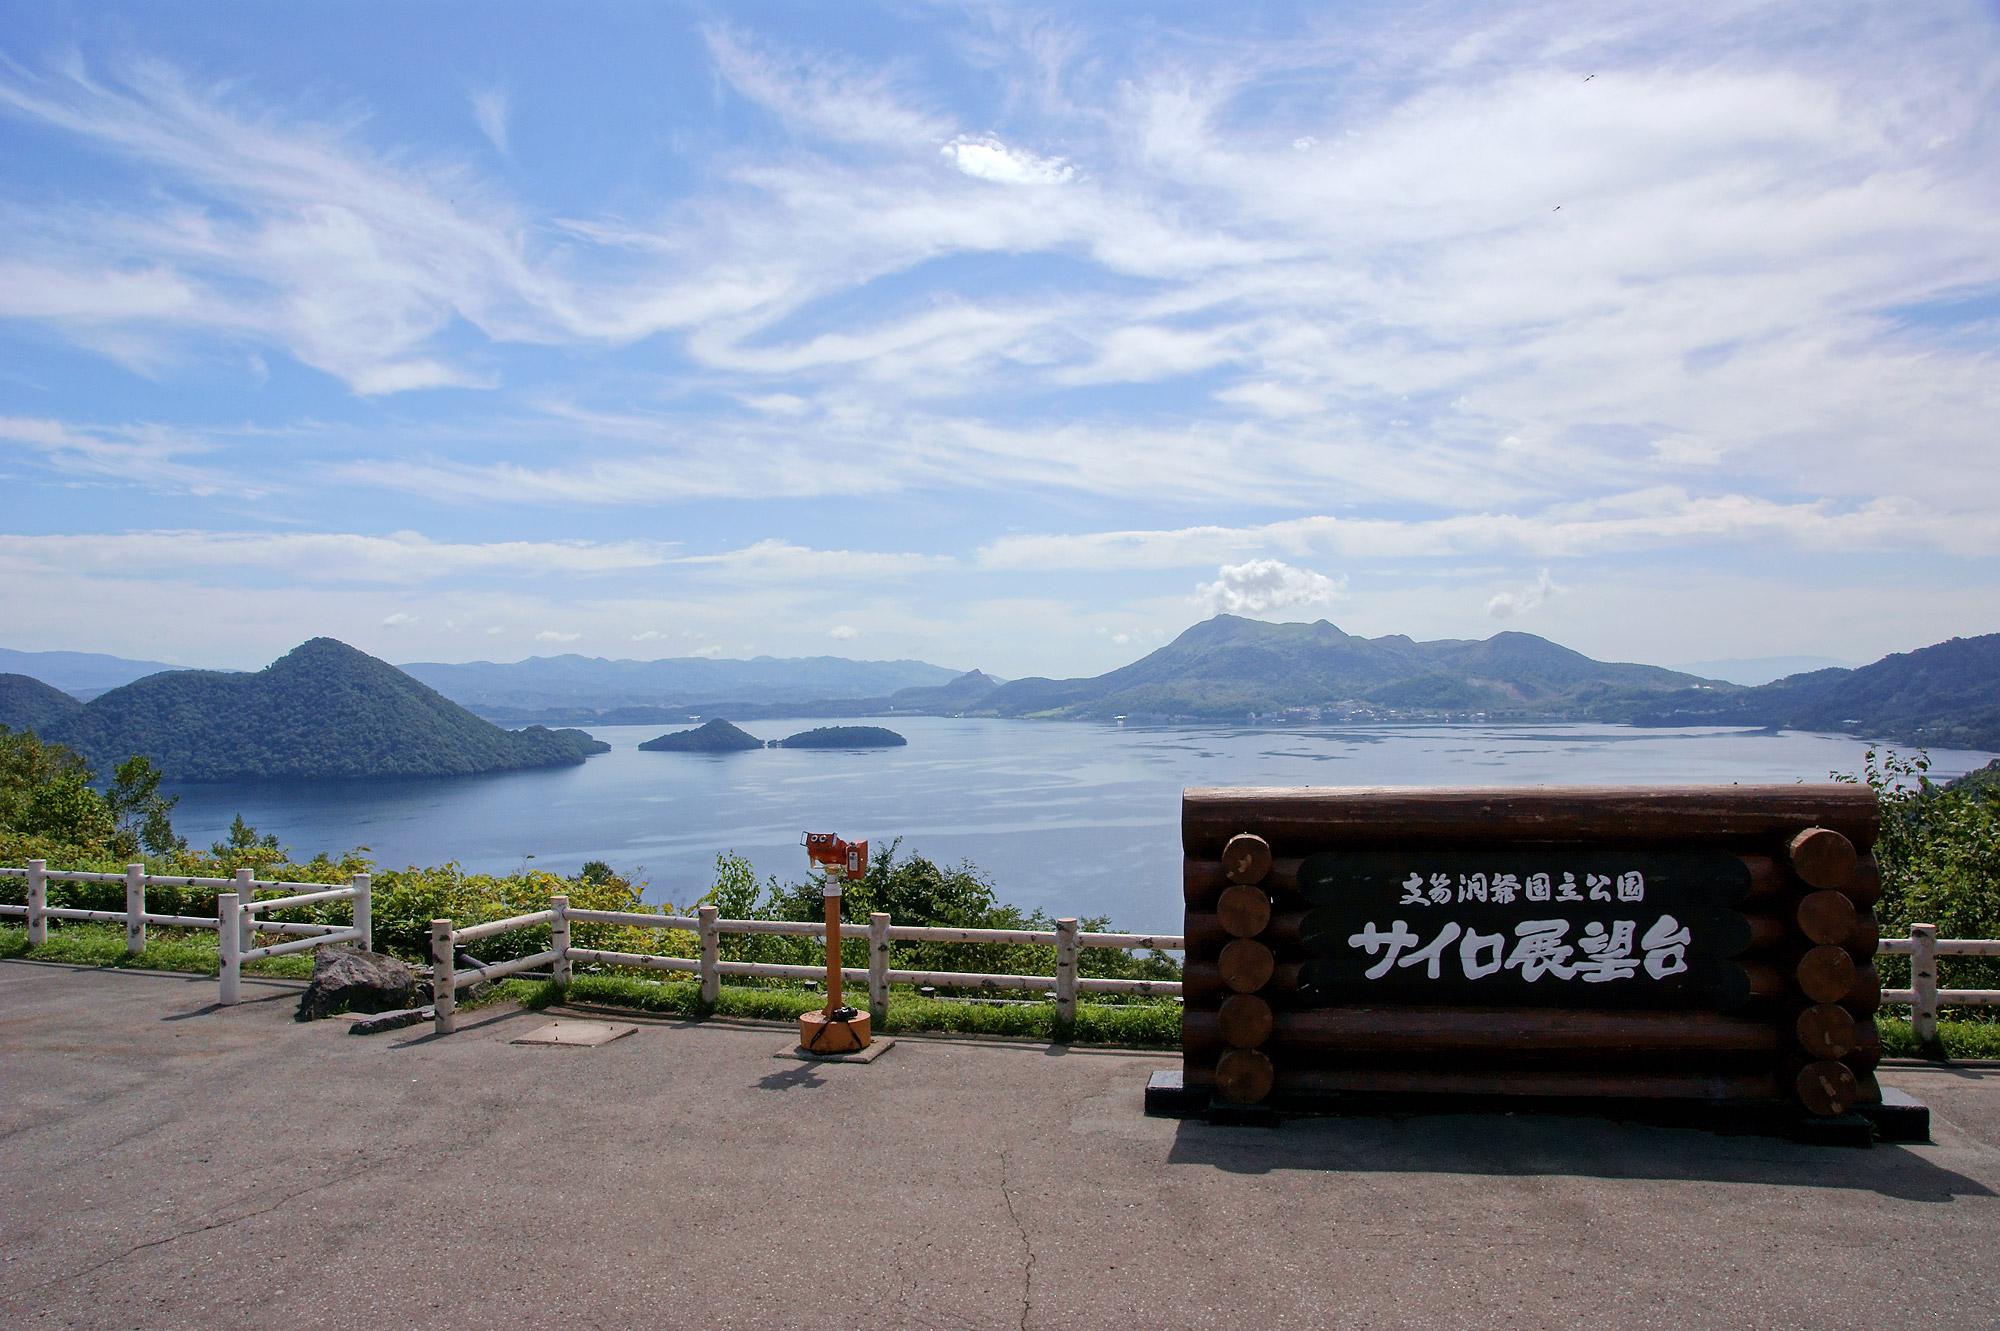 北海道札幌出發 UPOPOY 國立阿伊努博物館+民族共生公園一日遊